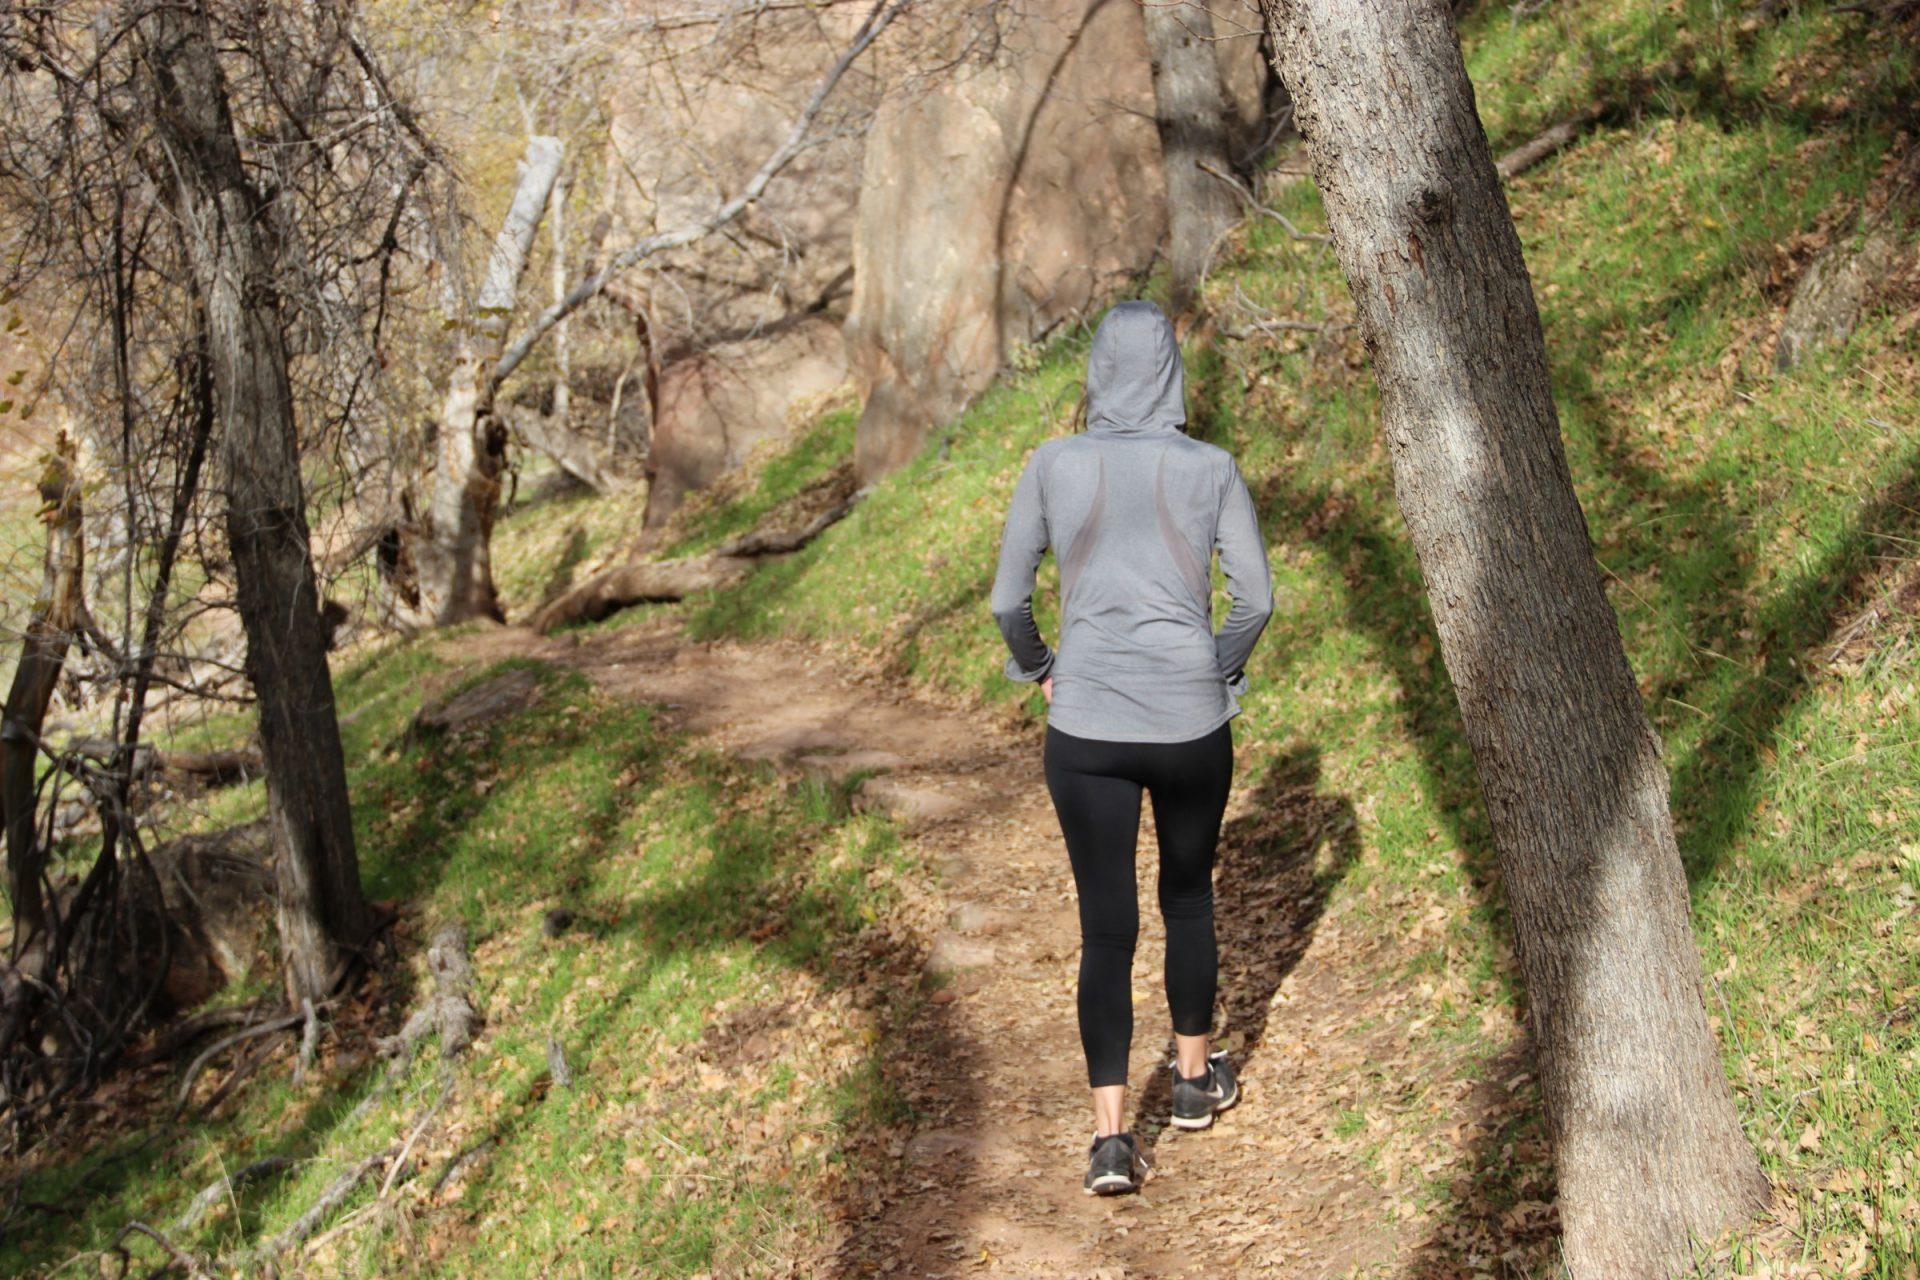 Woman in Hoodie & Yoga Pants Walking in Nature